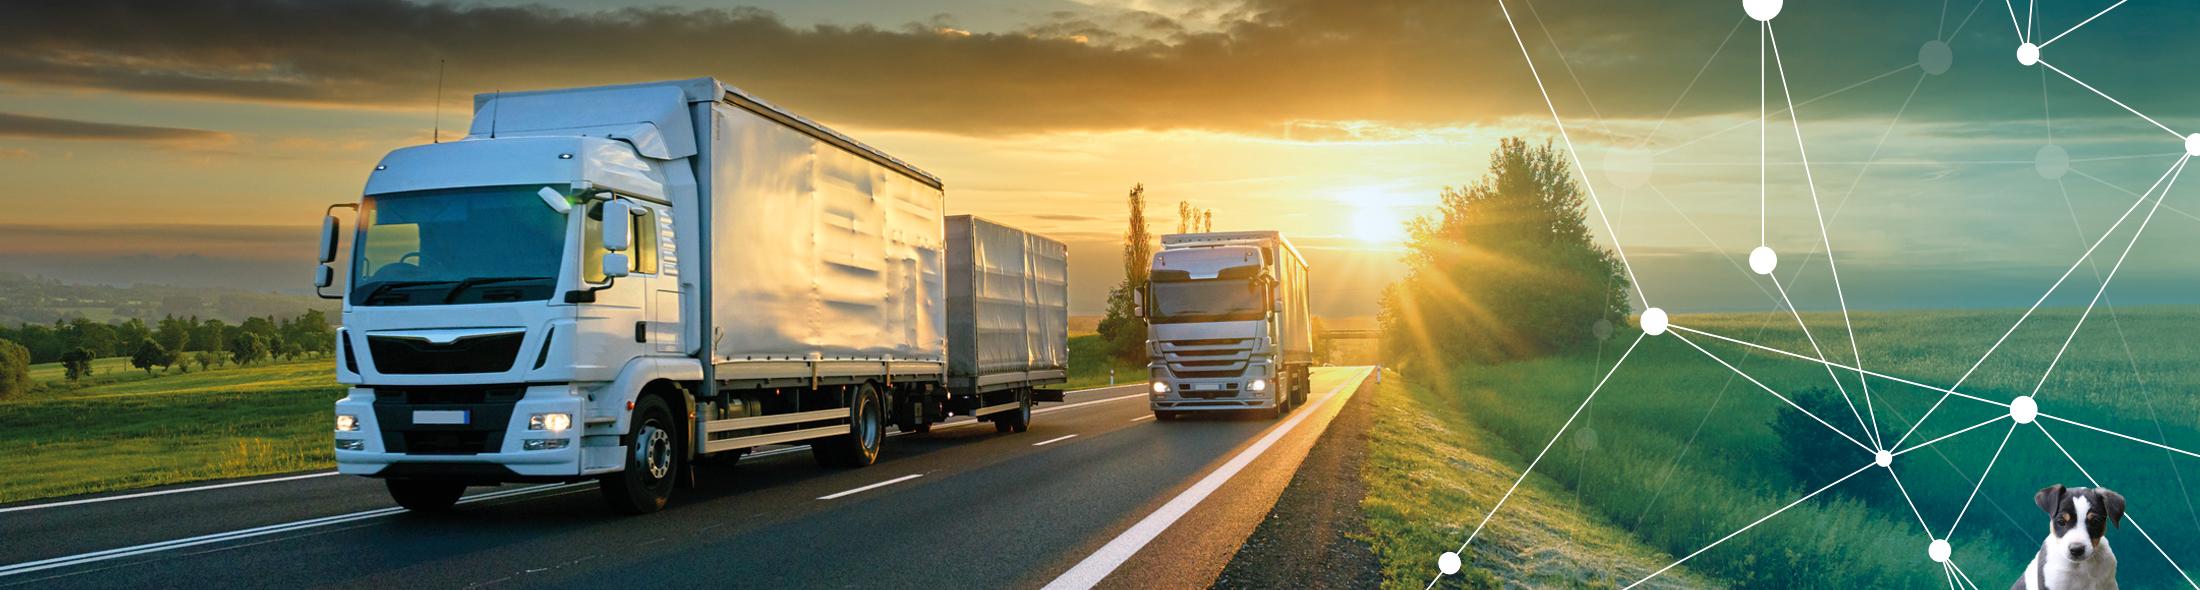 Schuster & Sohn - der Partner für alle Transportunternehmen und Fuhrparkbetreiber